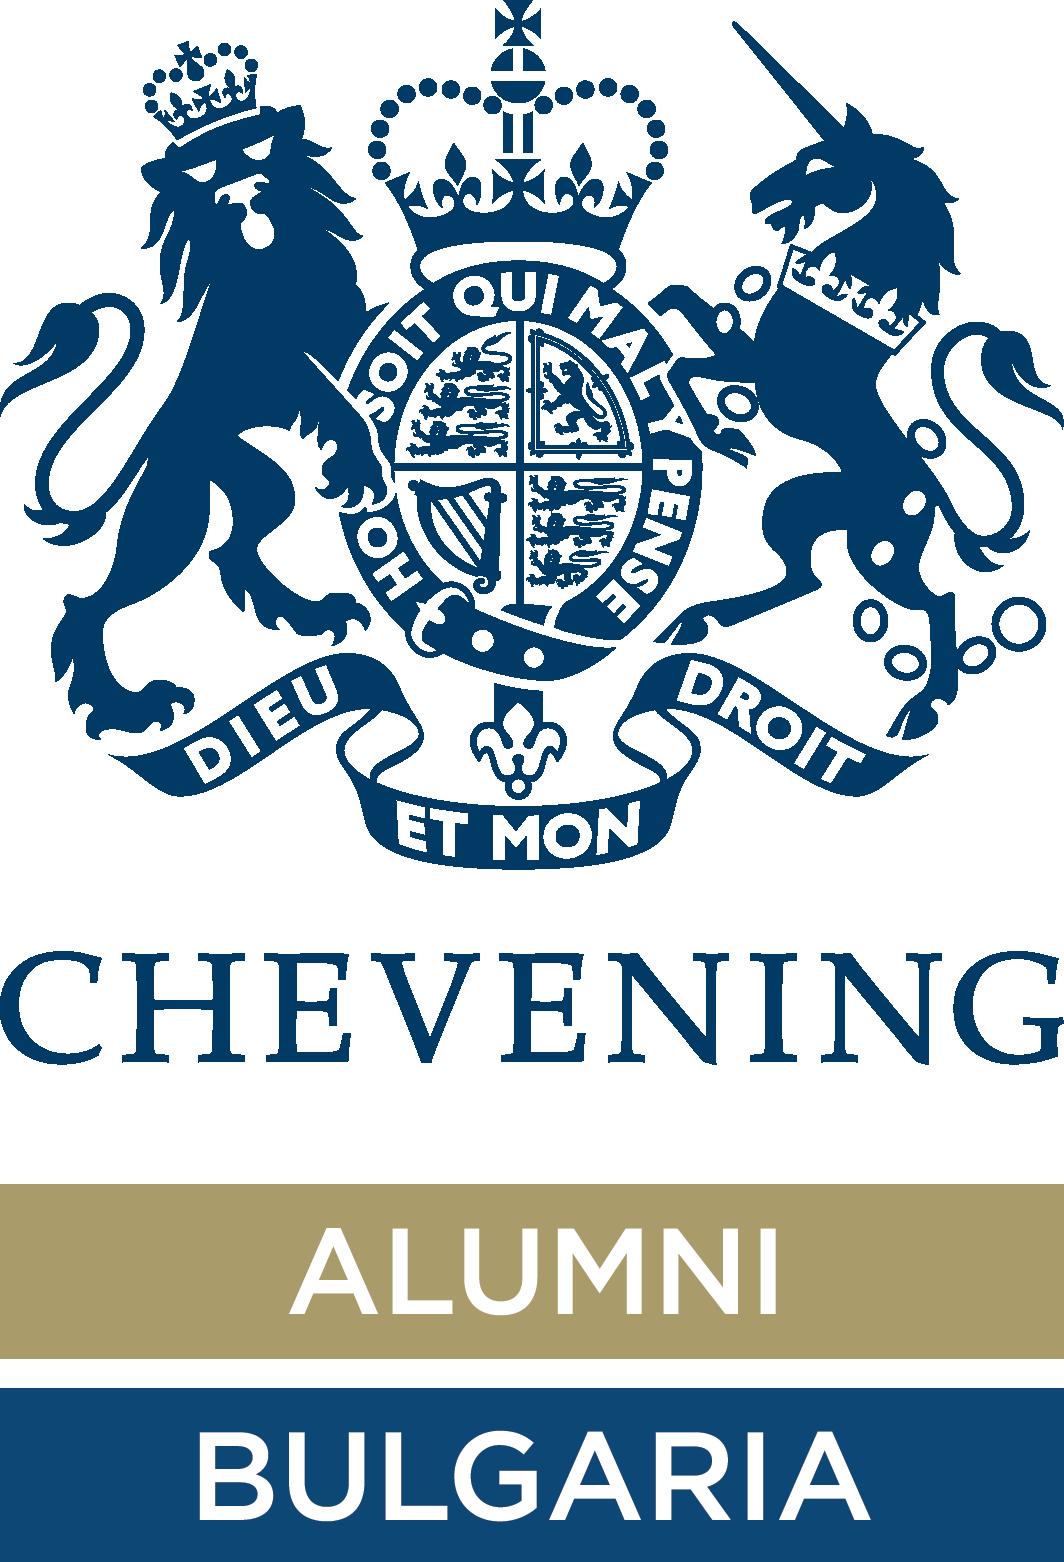 Alumni logo - Bulgaria (vertical)